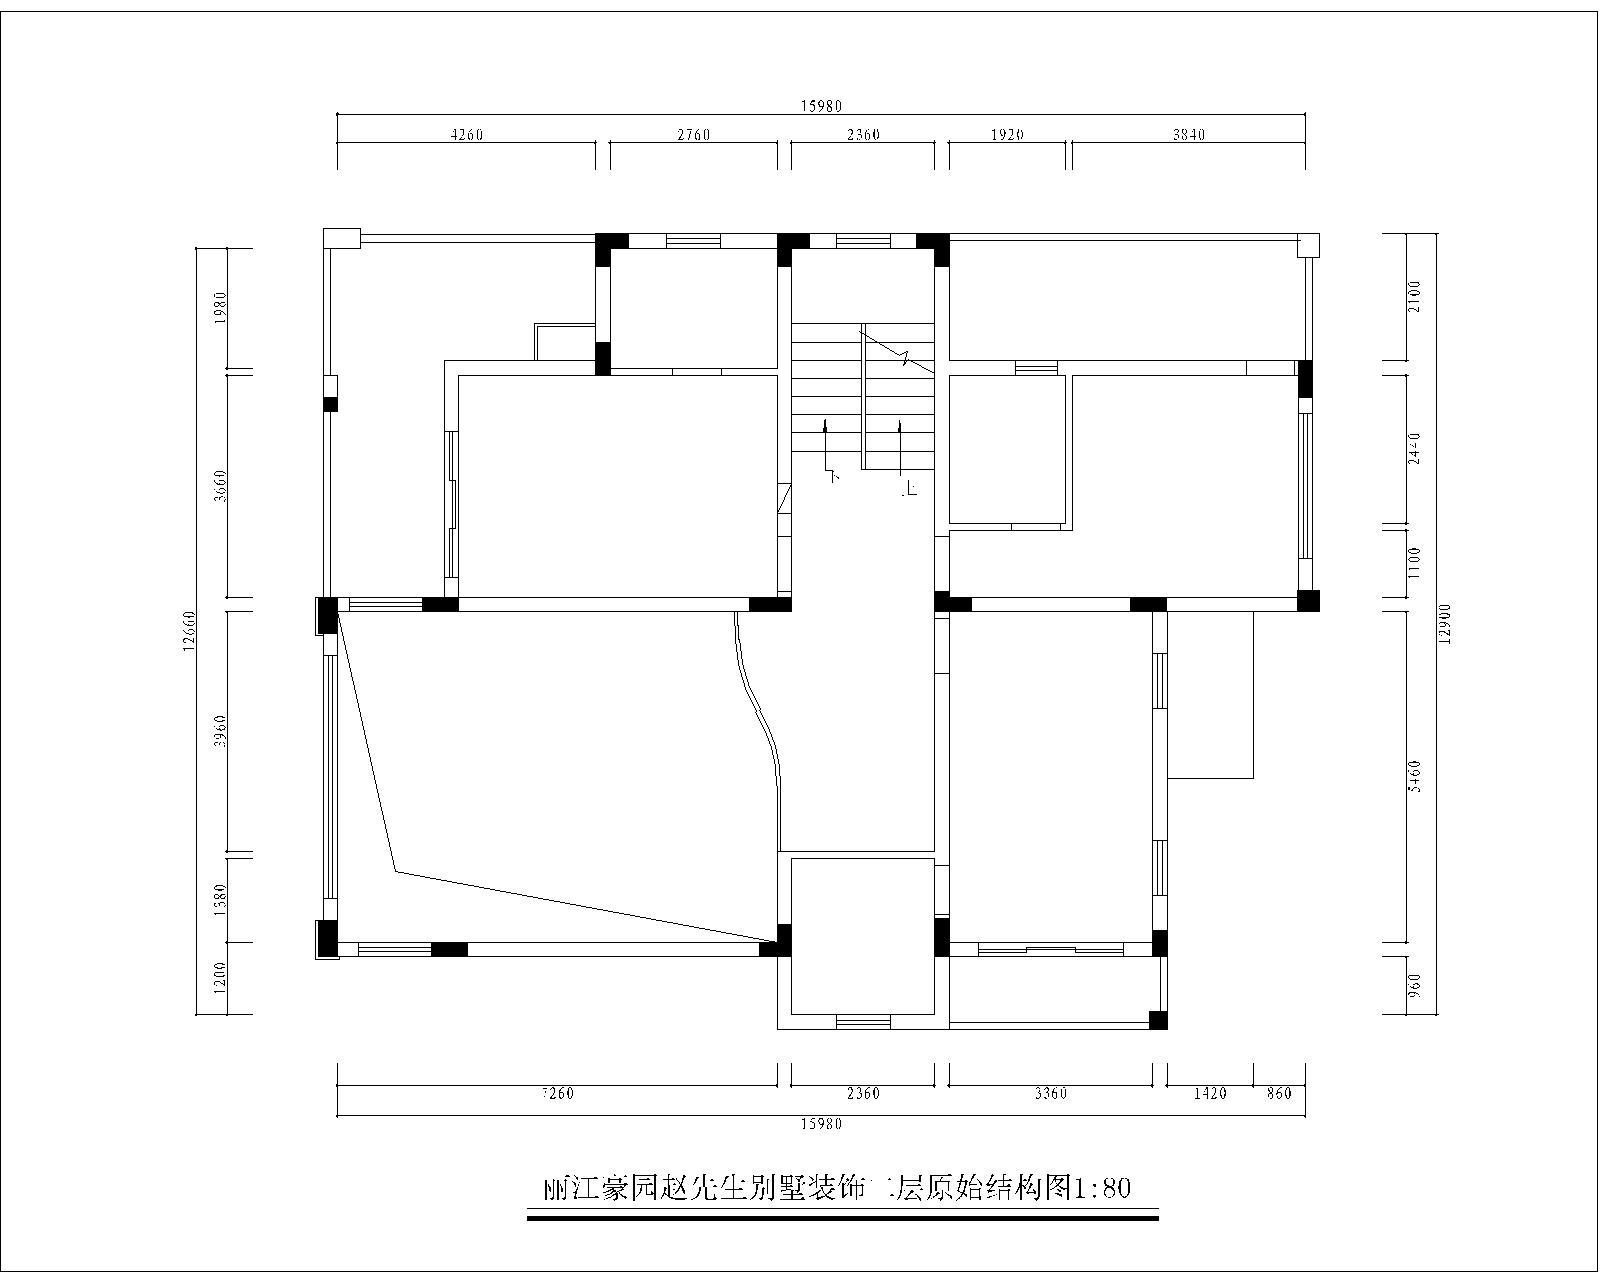 欧式 别墅 典雅 高富帅 三层别墅 户型图图片来自名雕装饰设计在别墅旧房改造,彰显典雅品味的分享